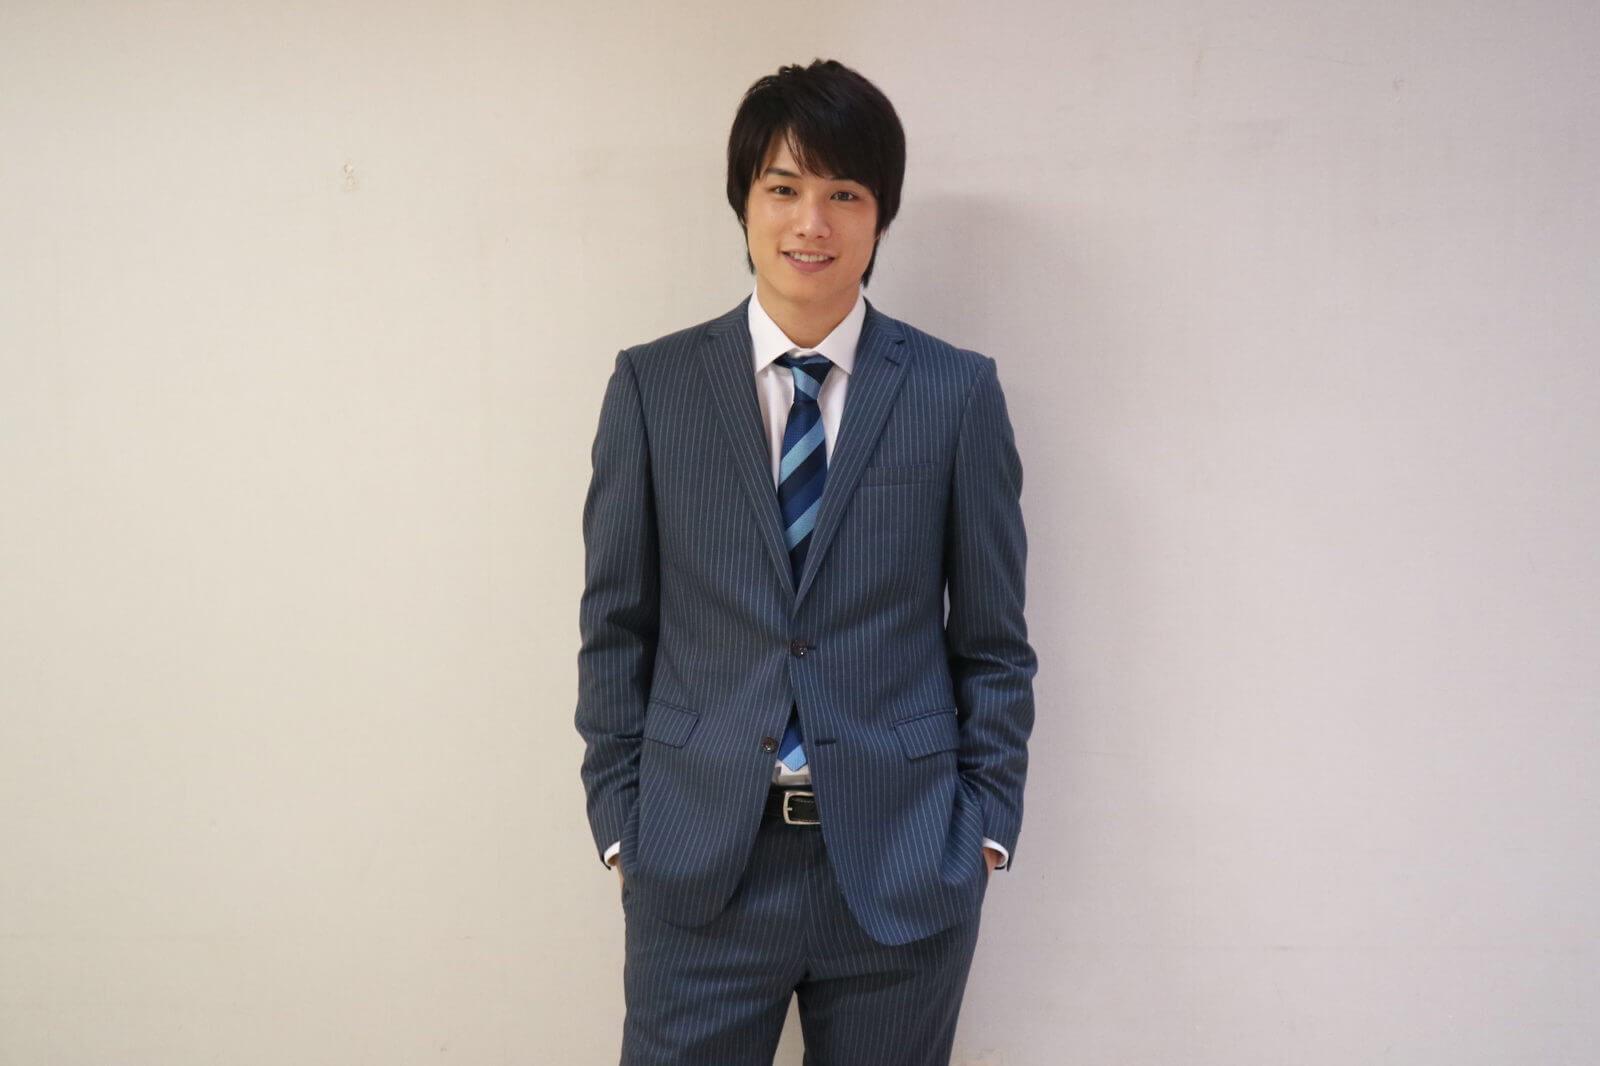 EXILE・AKIRA 仲良しの後輩・鈴木伸之は「最低なヤツ」サムネイル画像